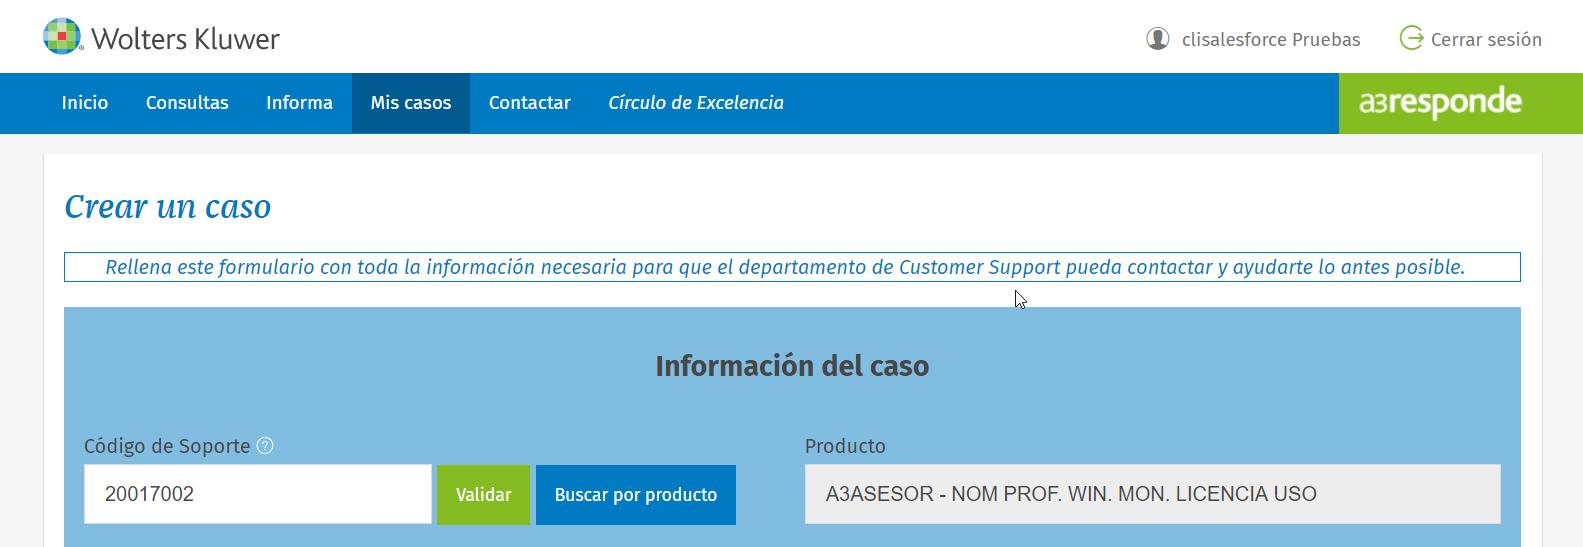 codigo_soporte